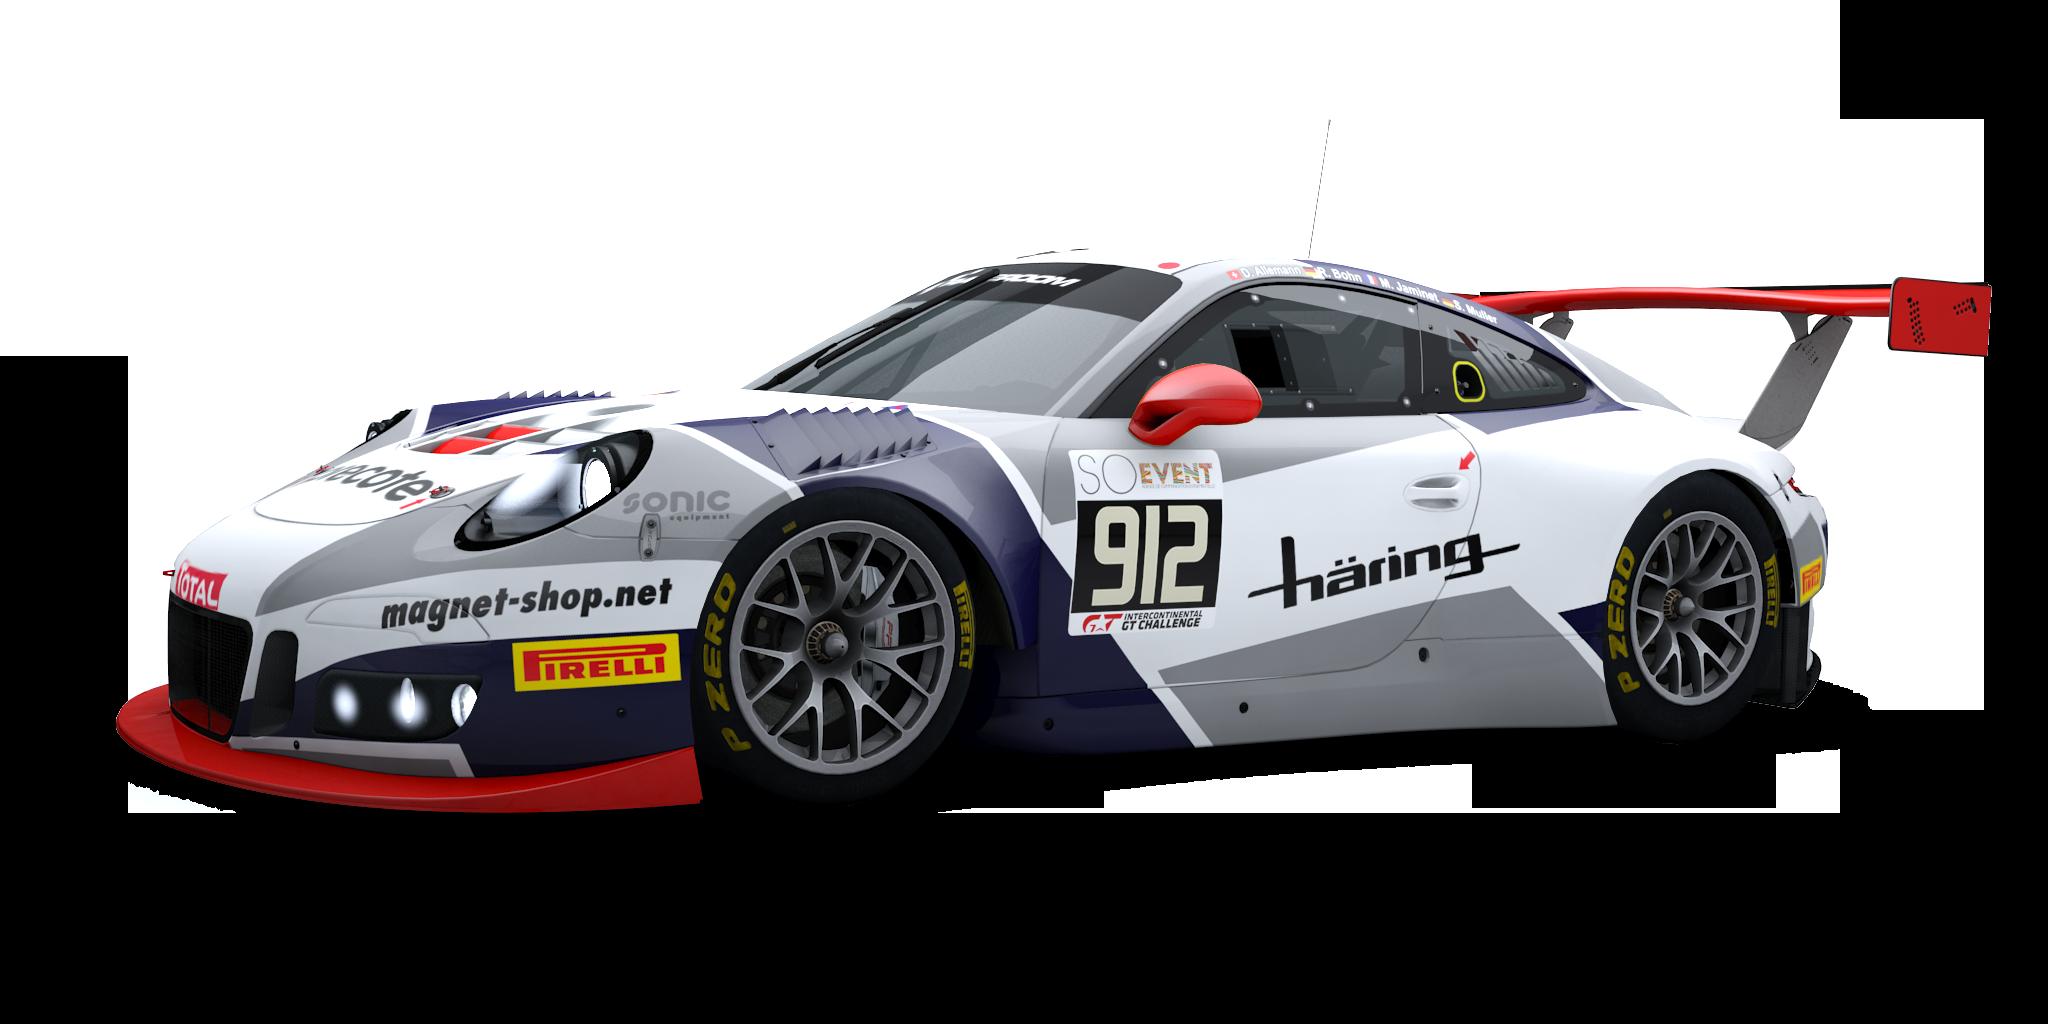 herberth-motorsport-912-6651-image-full.png